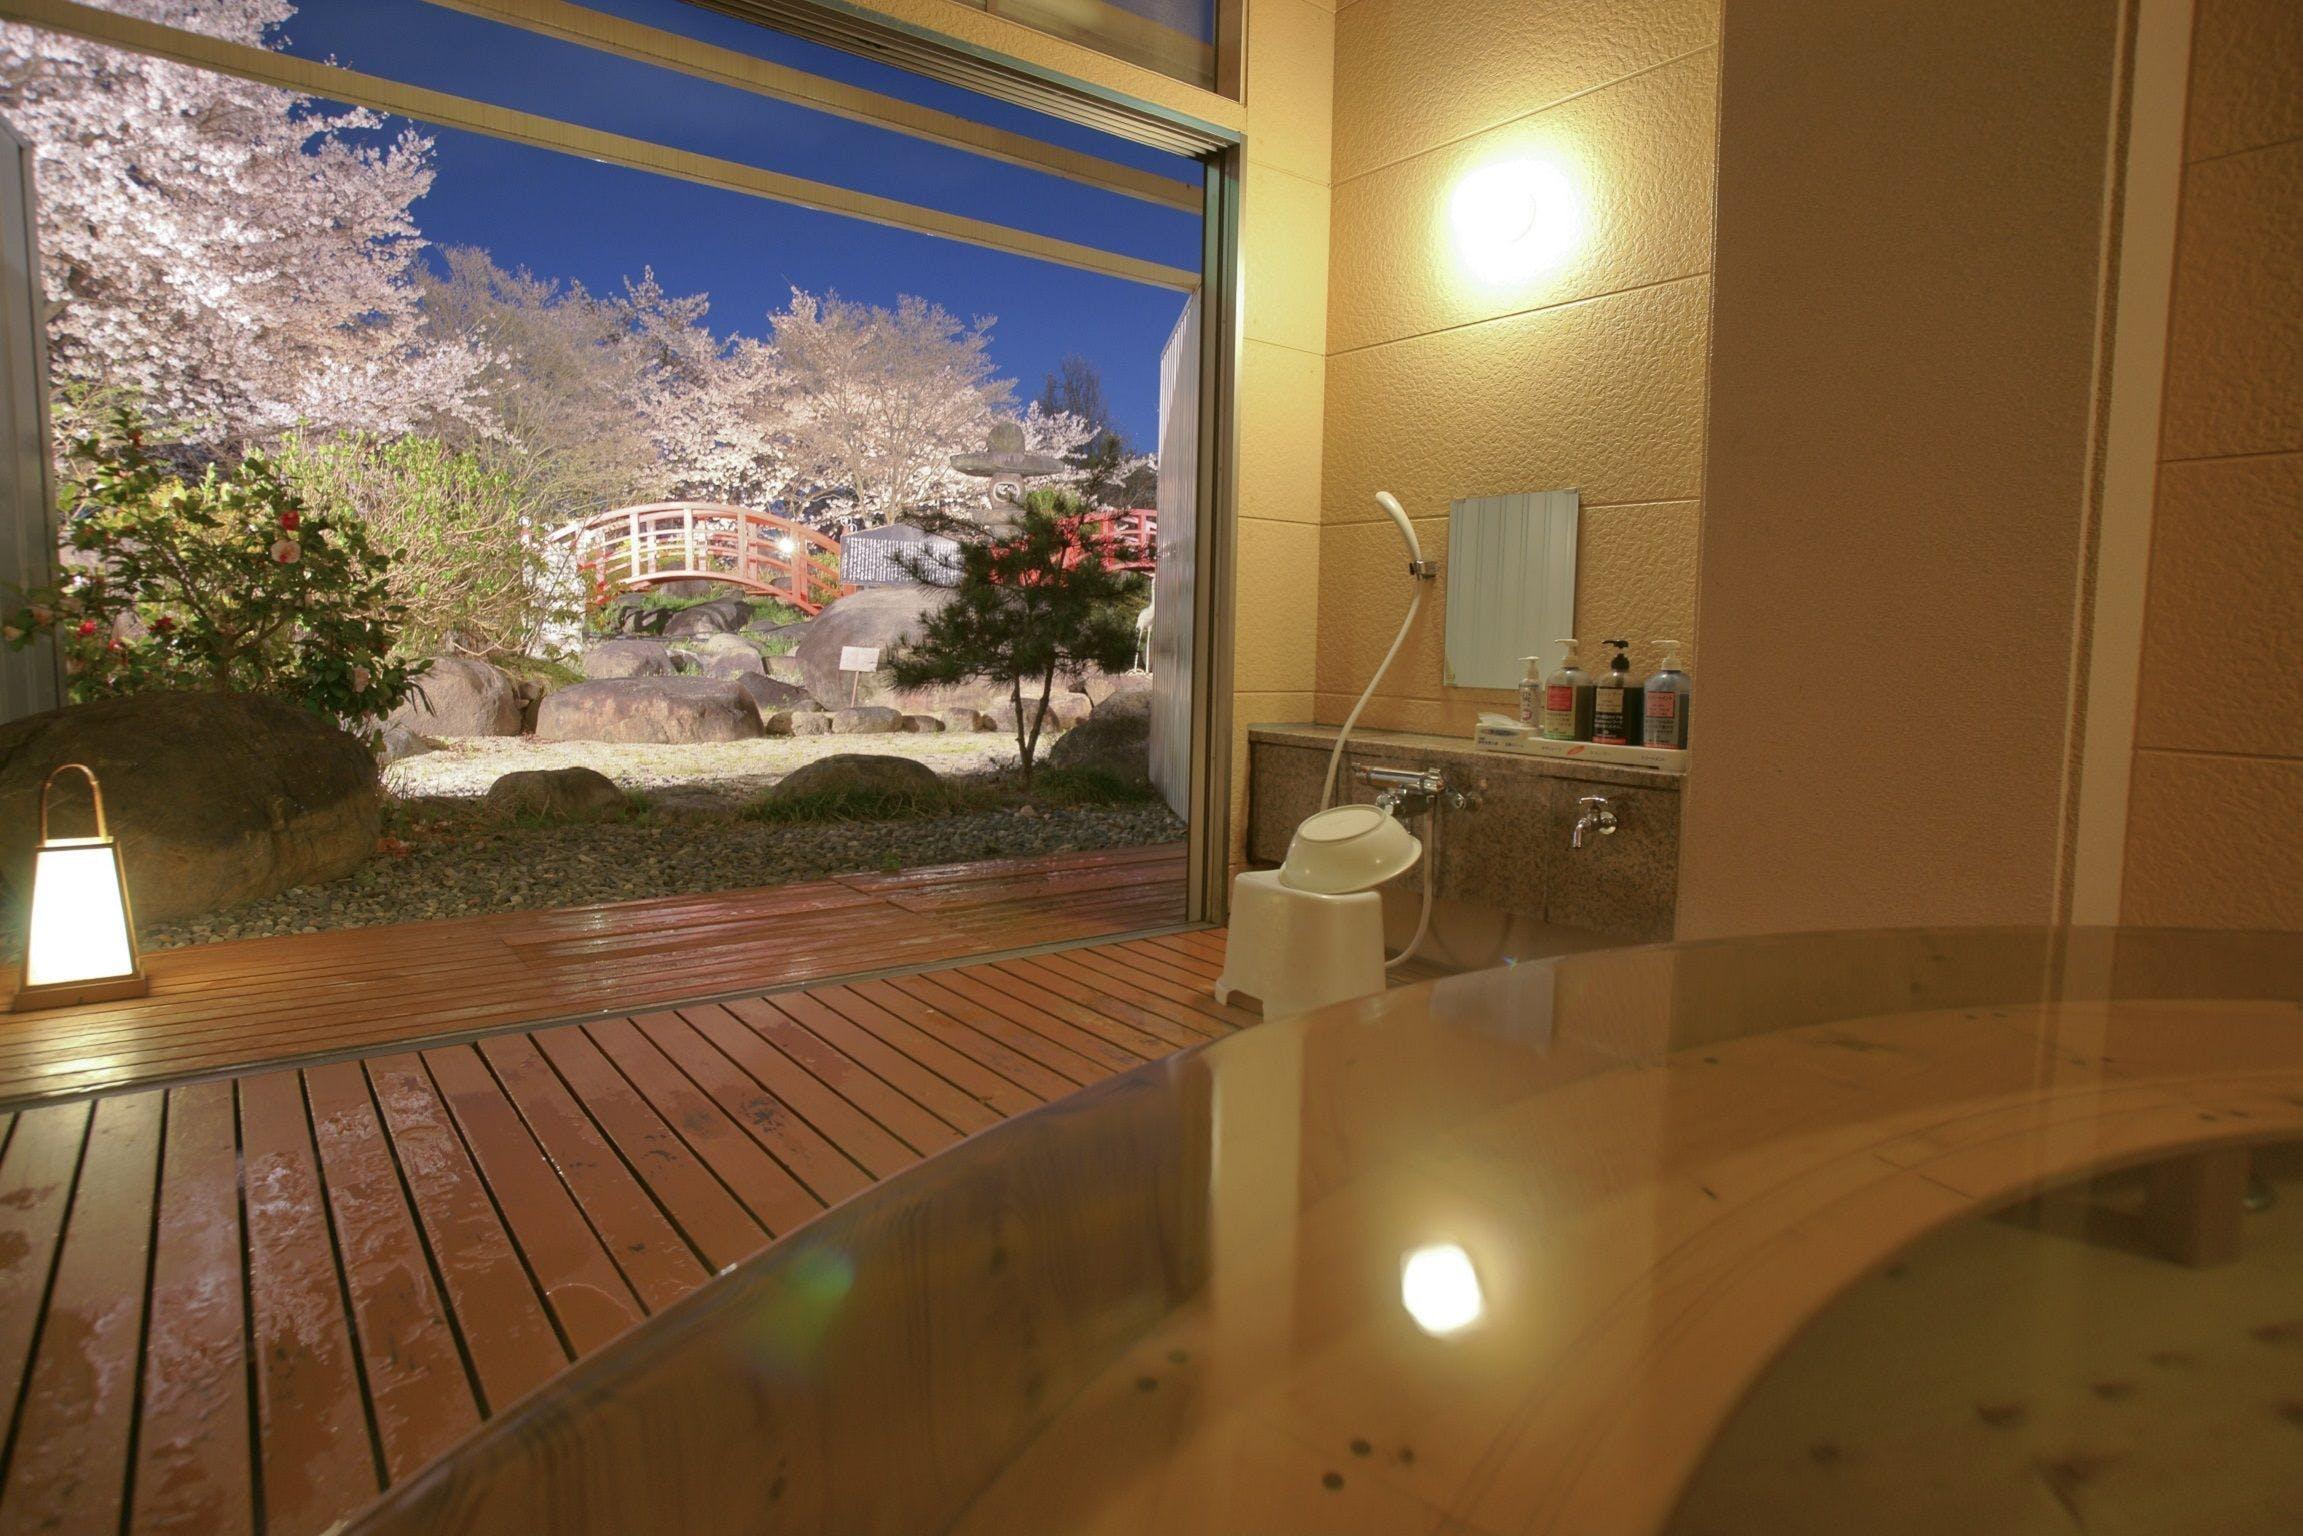 ホテル神の湯温泉 プランを見る